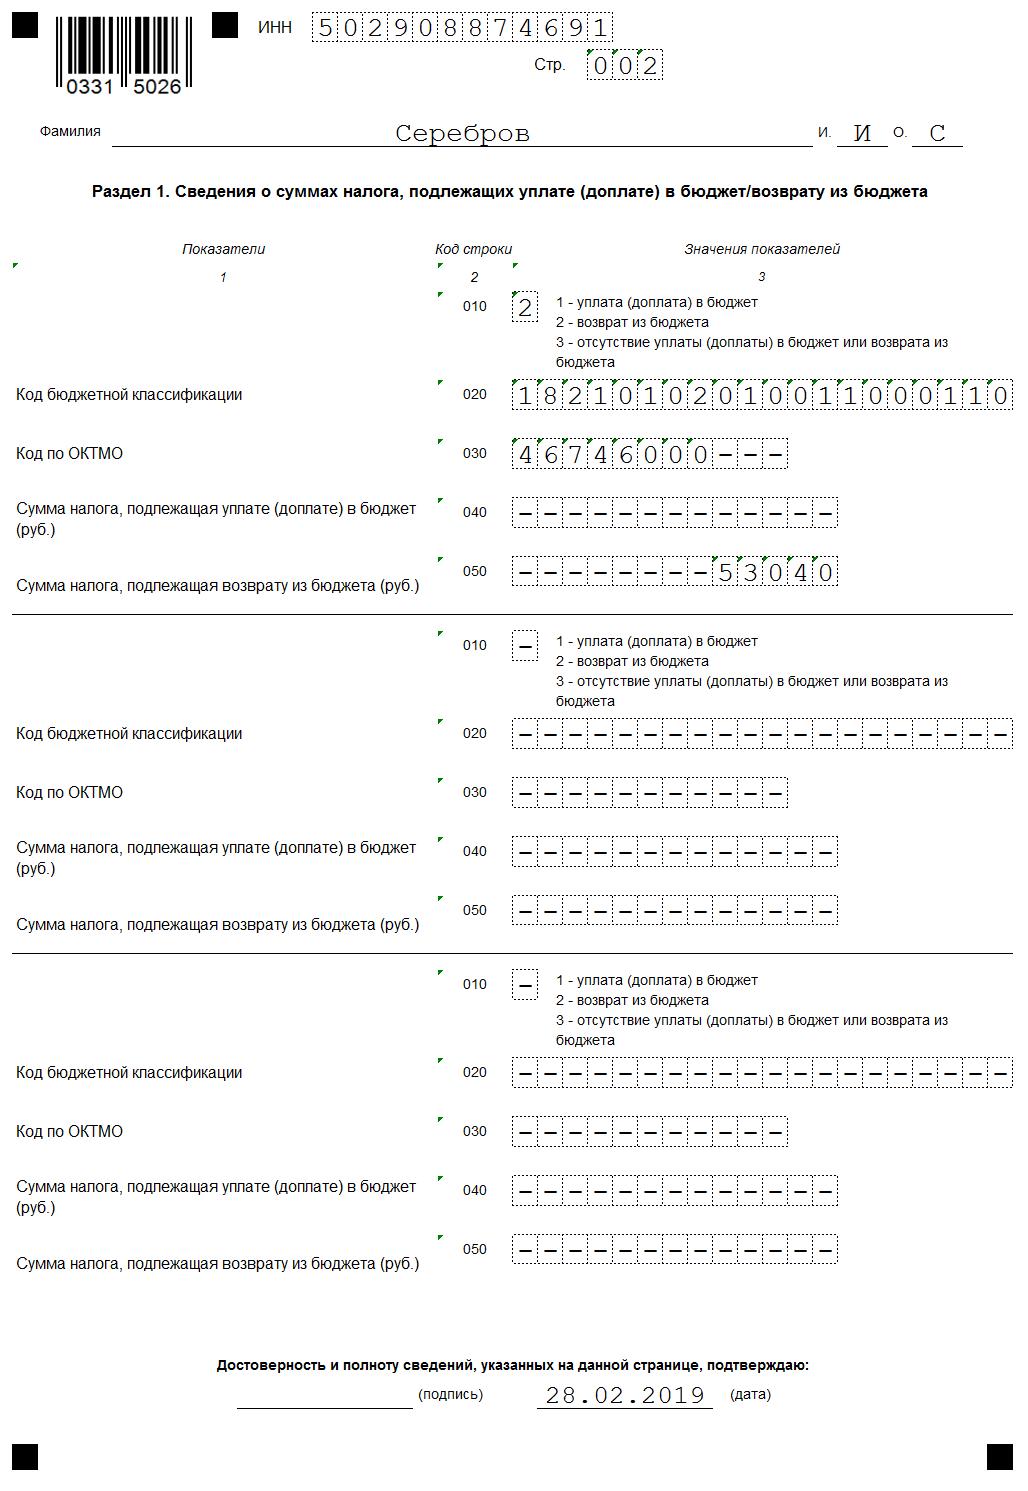 Декларация 3-НДФЛ при заявлении вычета за лечение